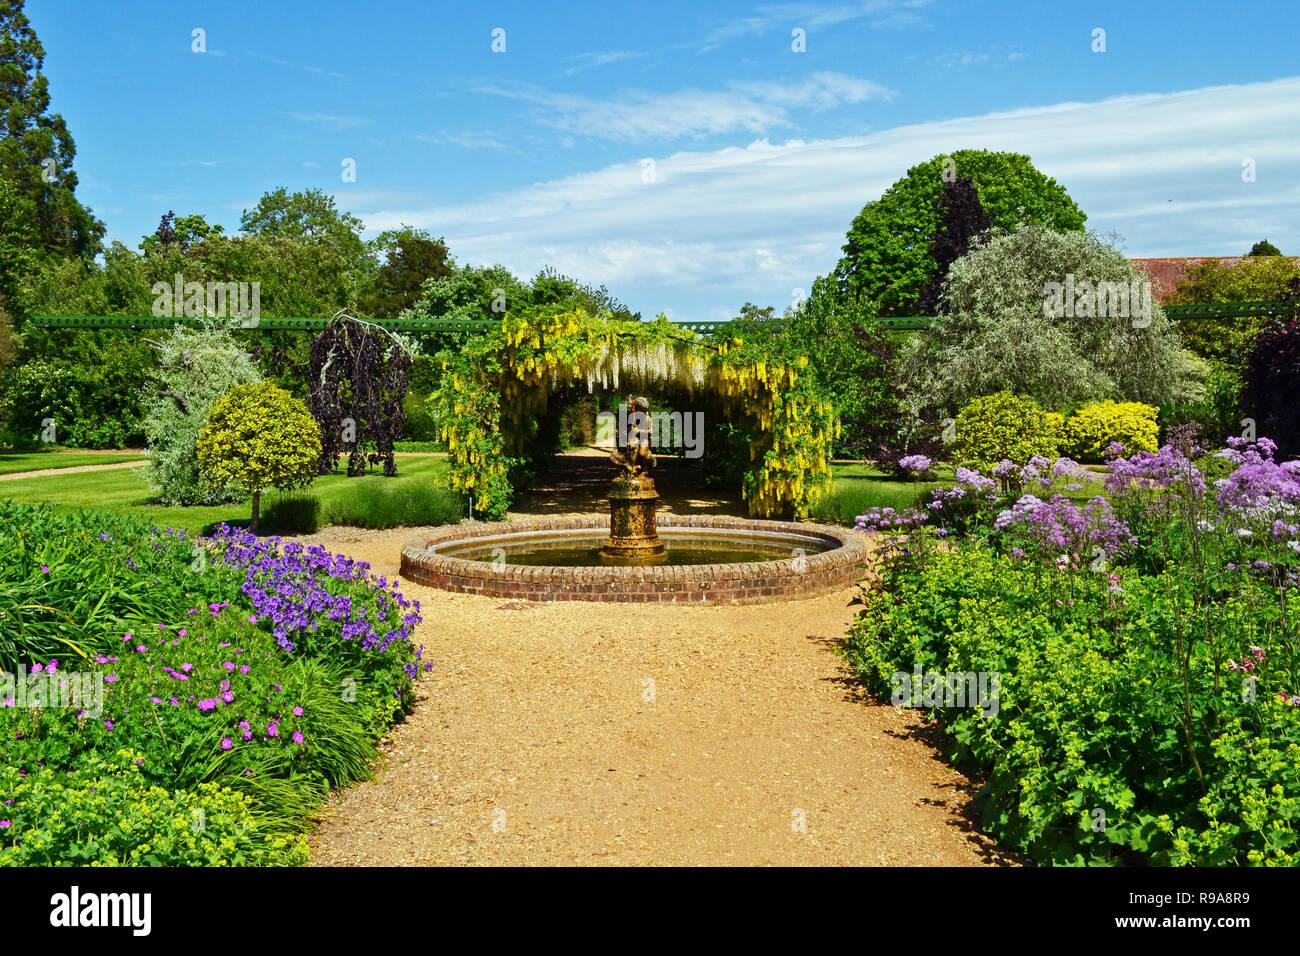 Die Gärten in Beaulieu National Motor Museum, Palast und Gärten, New Forest, Hampshire, Großbritannien Stockbild